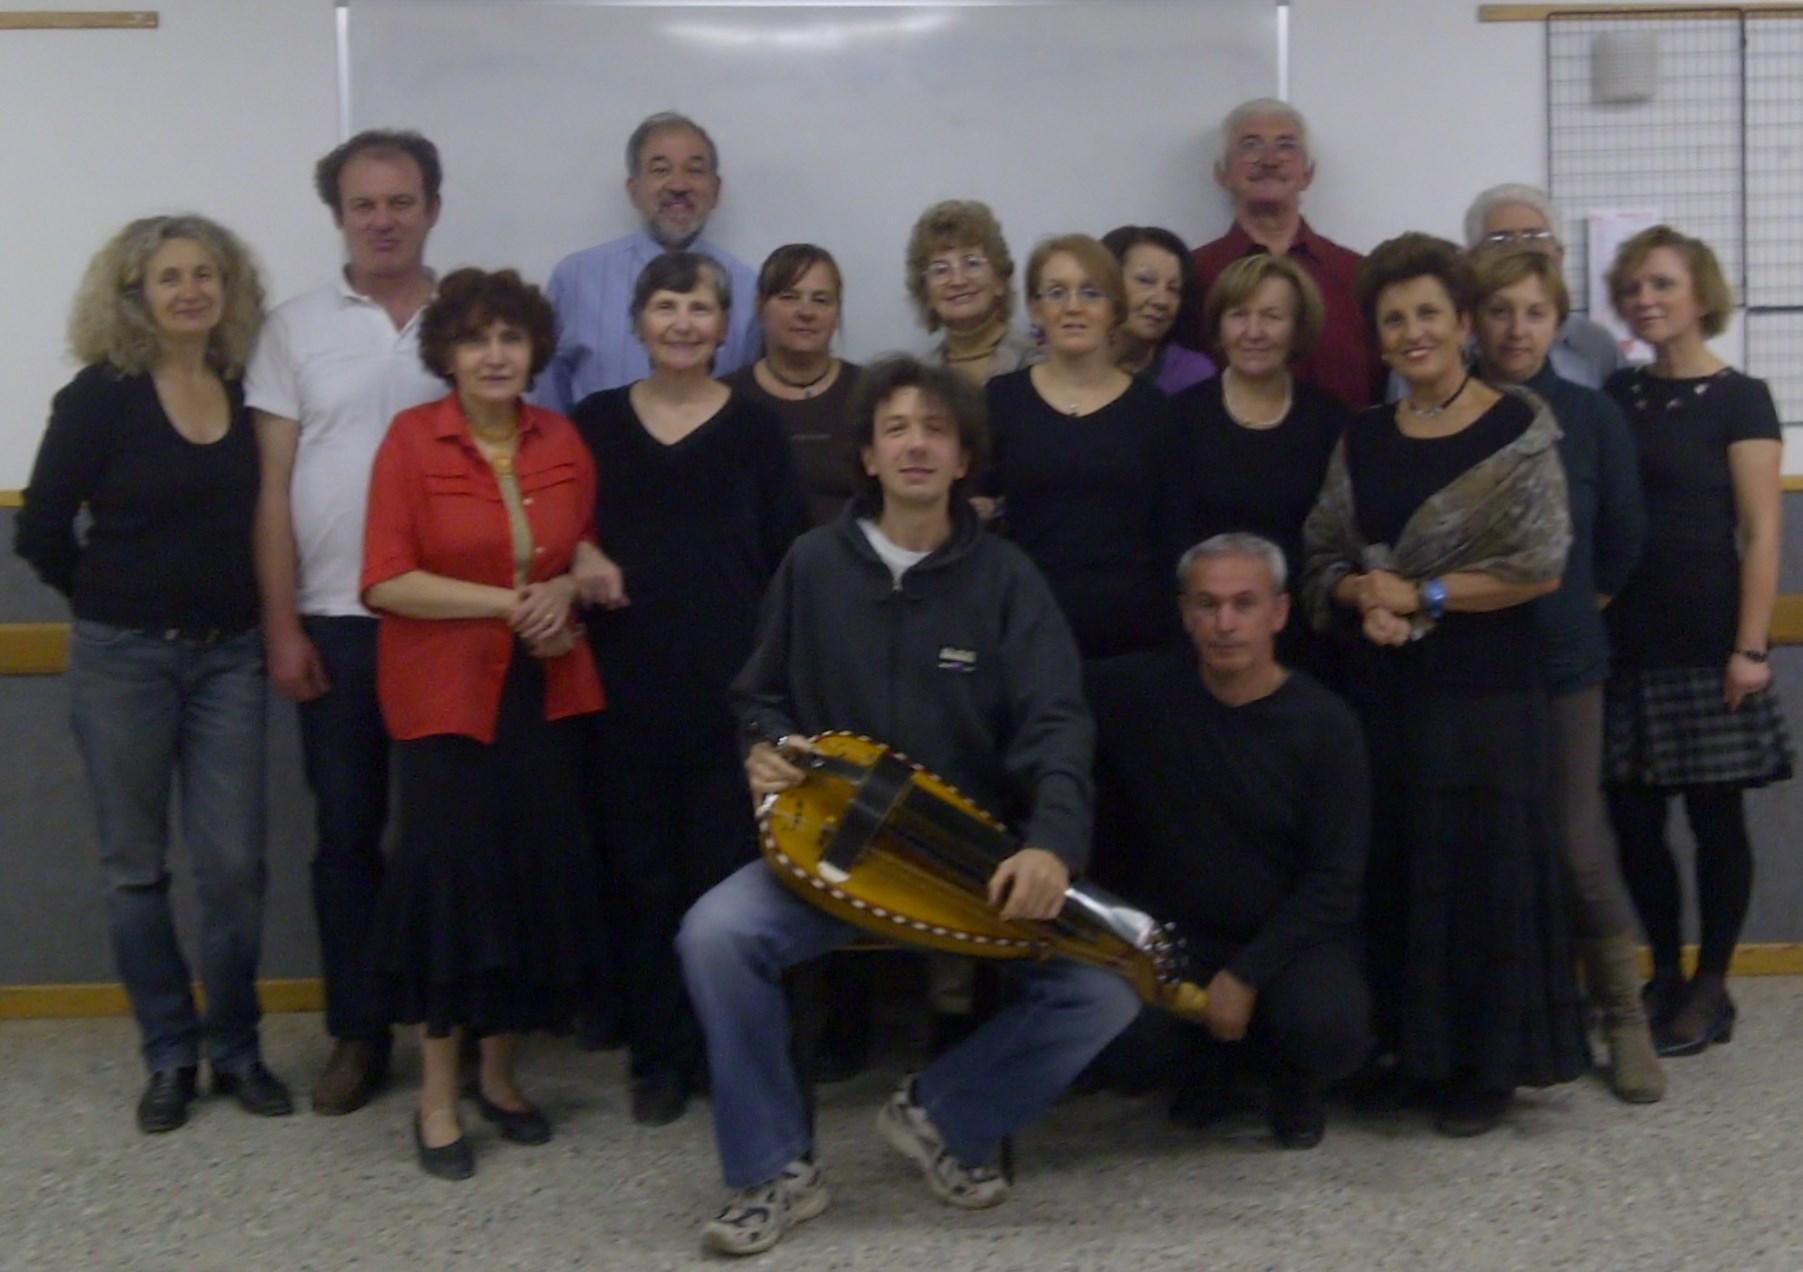 festa carolando 2012